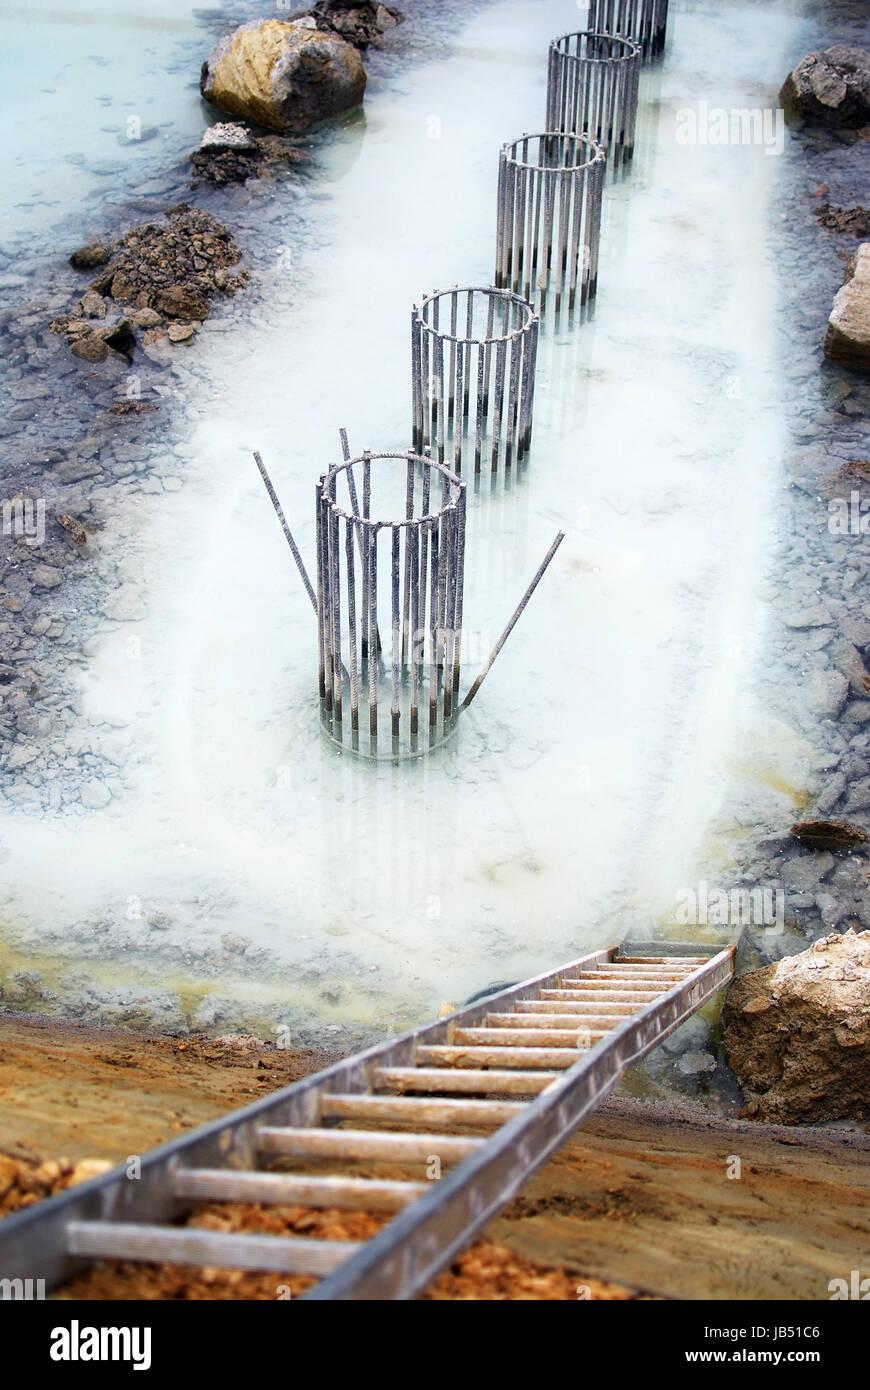 Fundament für Saeulen im Grundwasser Stock Photo